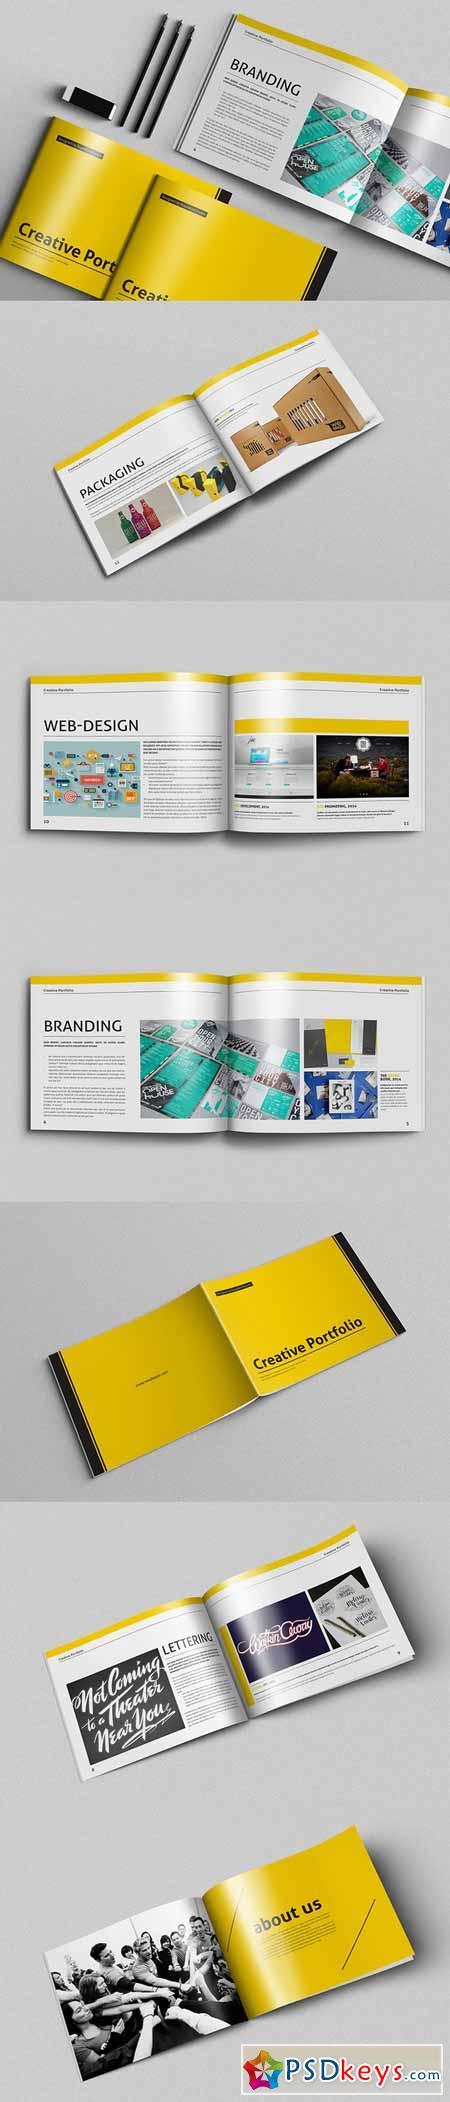 Portfolio Brochure Vol.5 478438 » Free Download Photoshop Vector ...